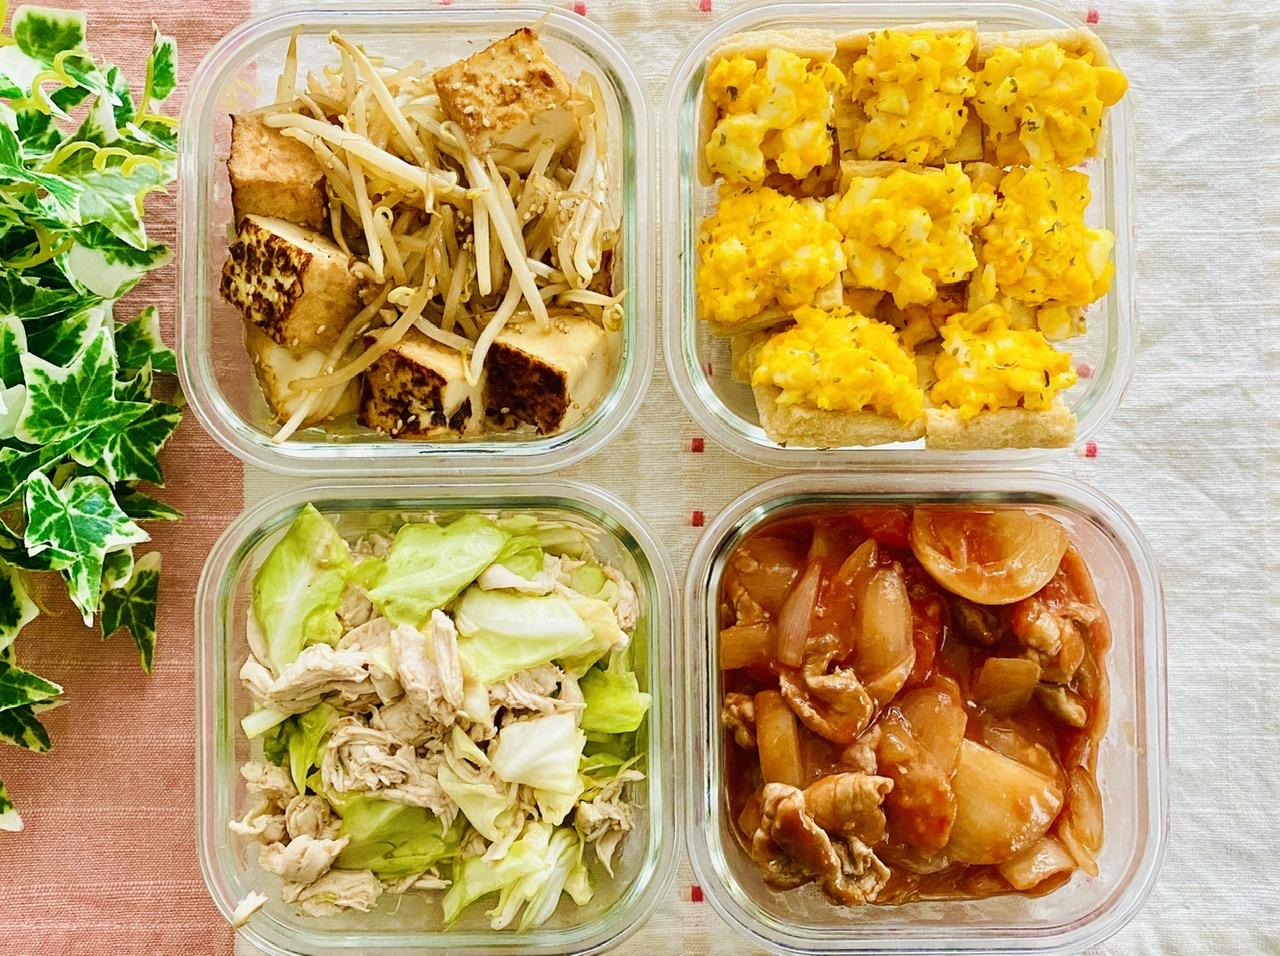 【今月のお家ごはん】アラサー女子の食卓!作り置きおかずでラク晩ご飯♡-Vol.14-_2